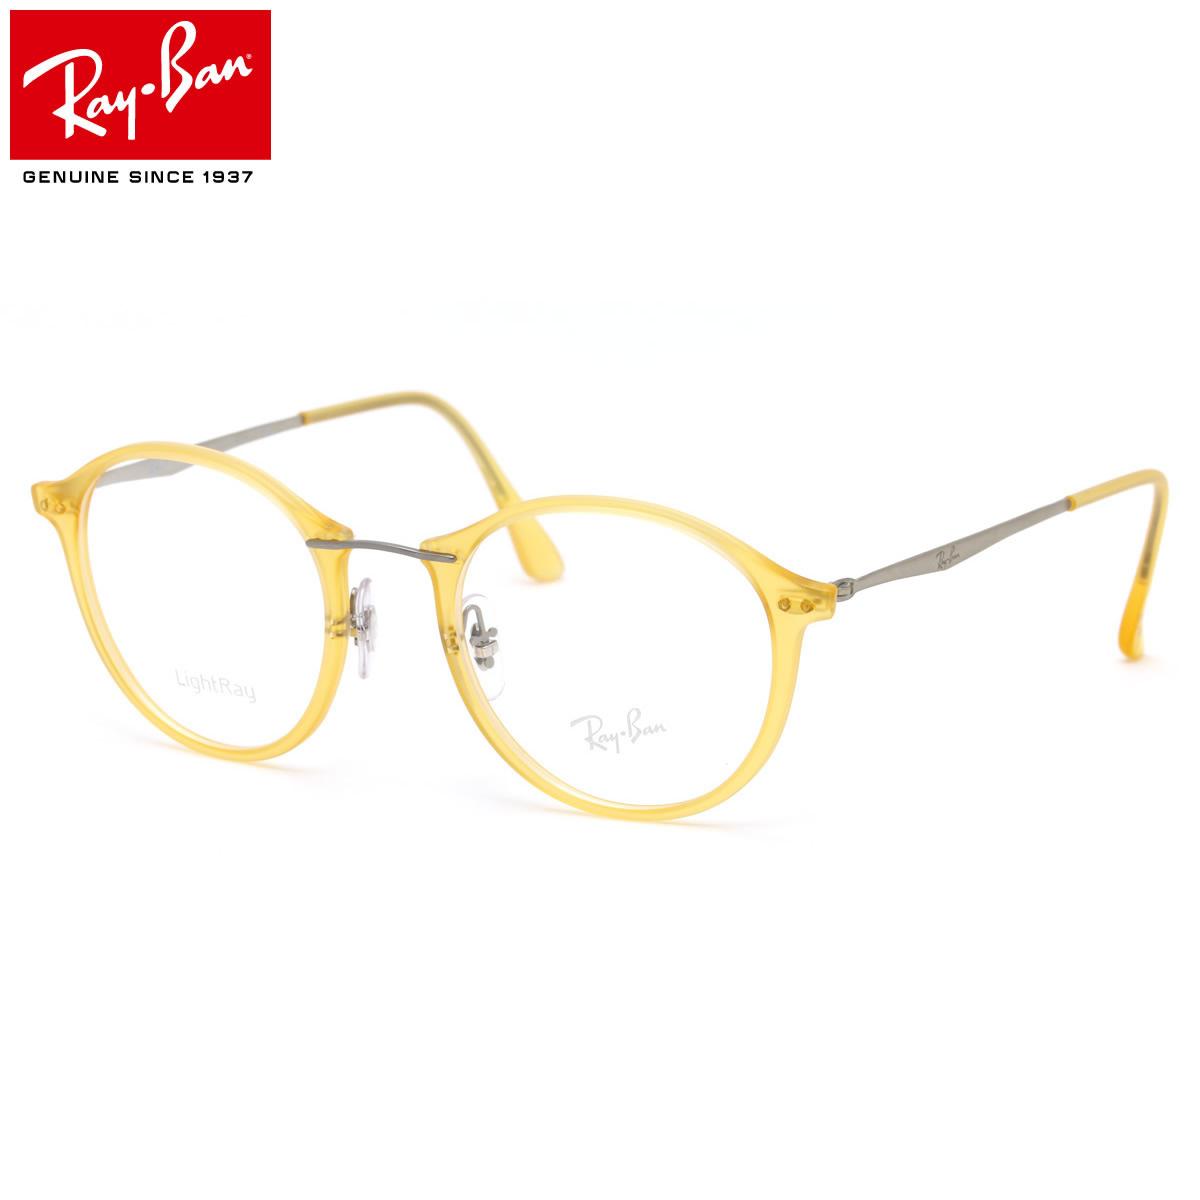 レイバン テック ライトレイ メガネ フレーム Ray-Ban RX7073 5589 49サイズ ラウンド 丸メガネ フレーム ROUND レイバン RAYBAN TECH ROUND LIGHT RAY メンズ レディース